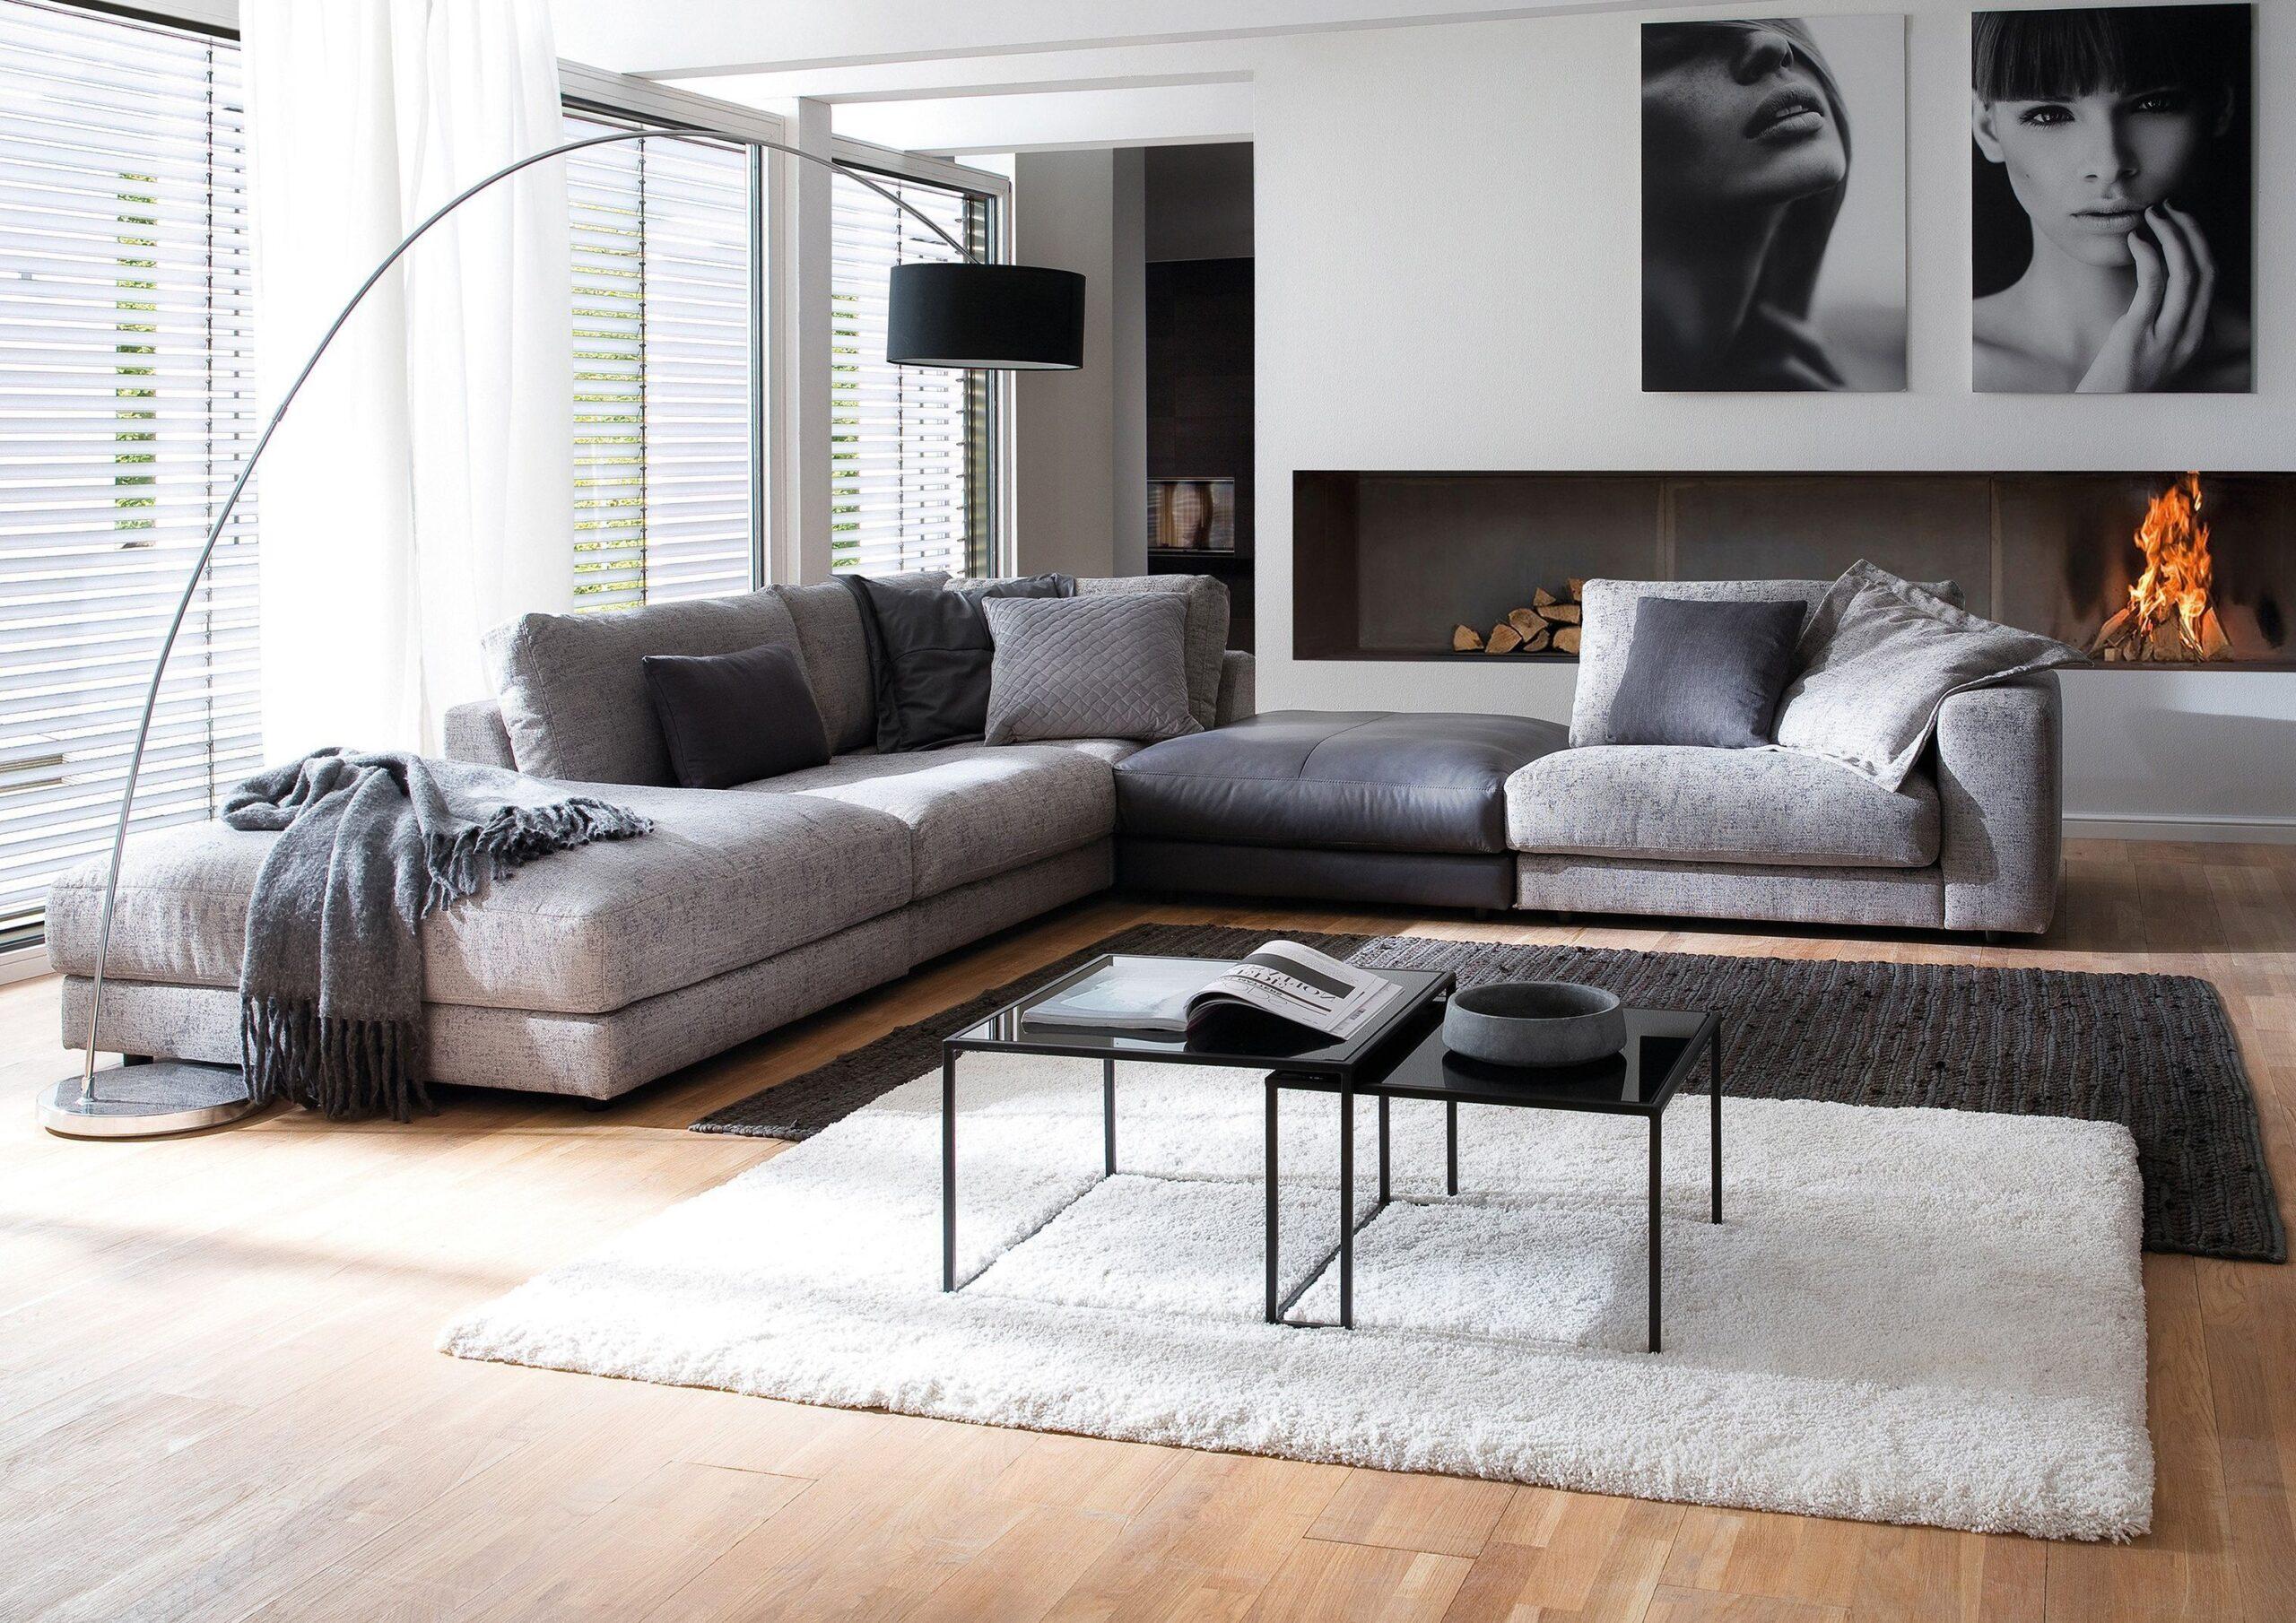 Full Size of Garten Ecksofa Großes Regal Sofa Bezug Bild Wohnzimmer Mit Ottomane Bett Wohnzimmer Großes Ecksofa